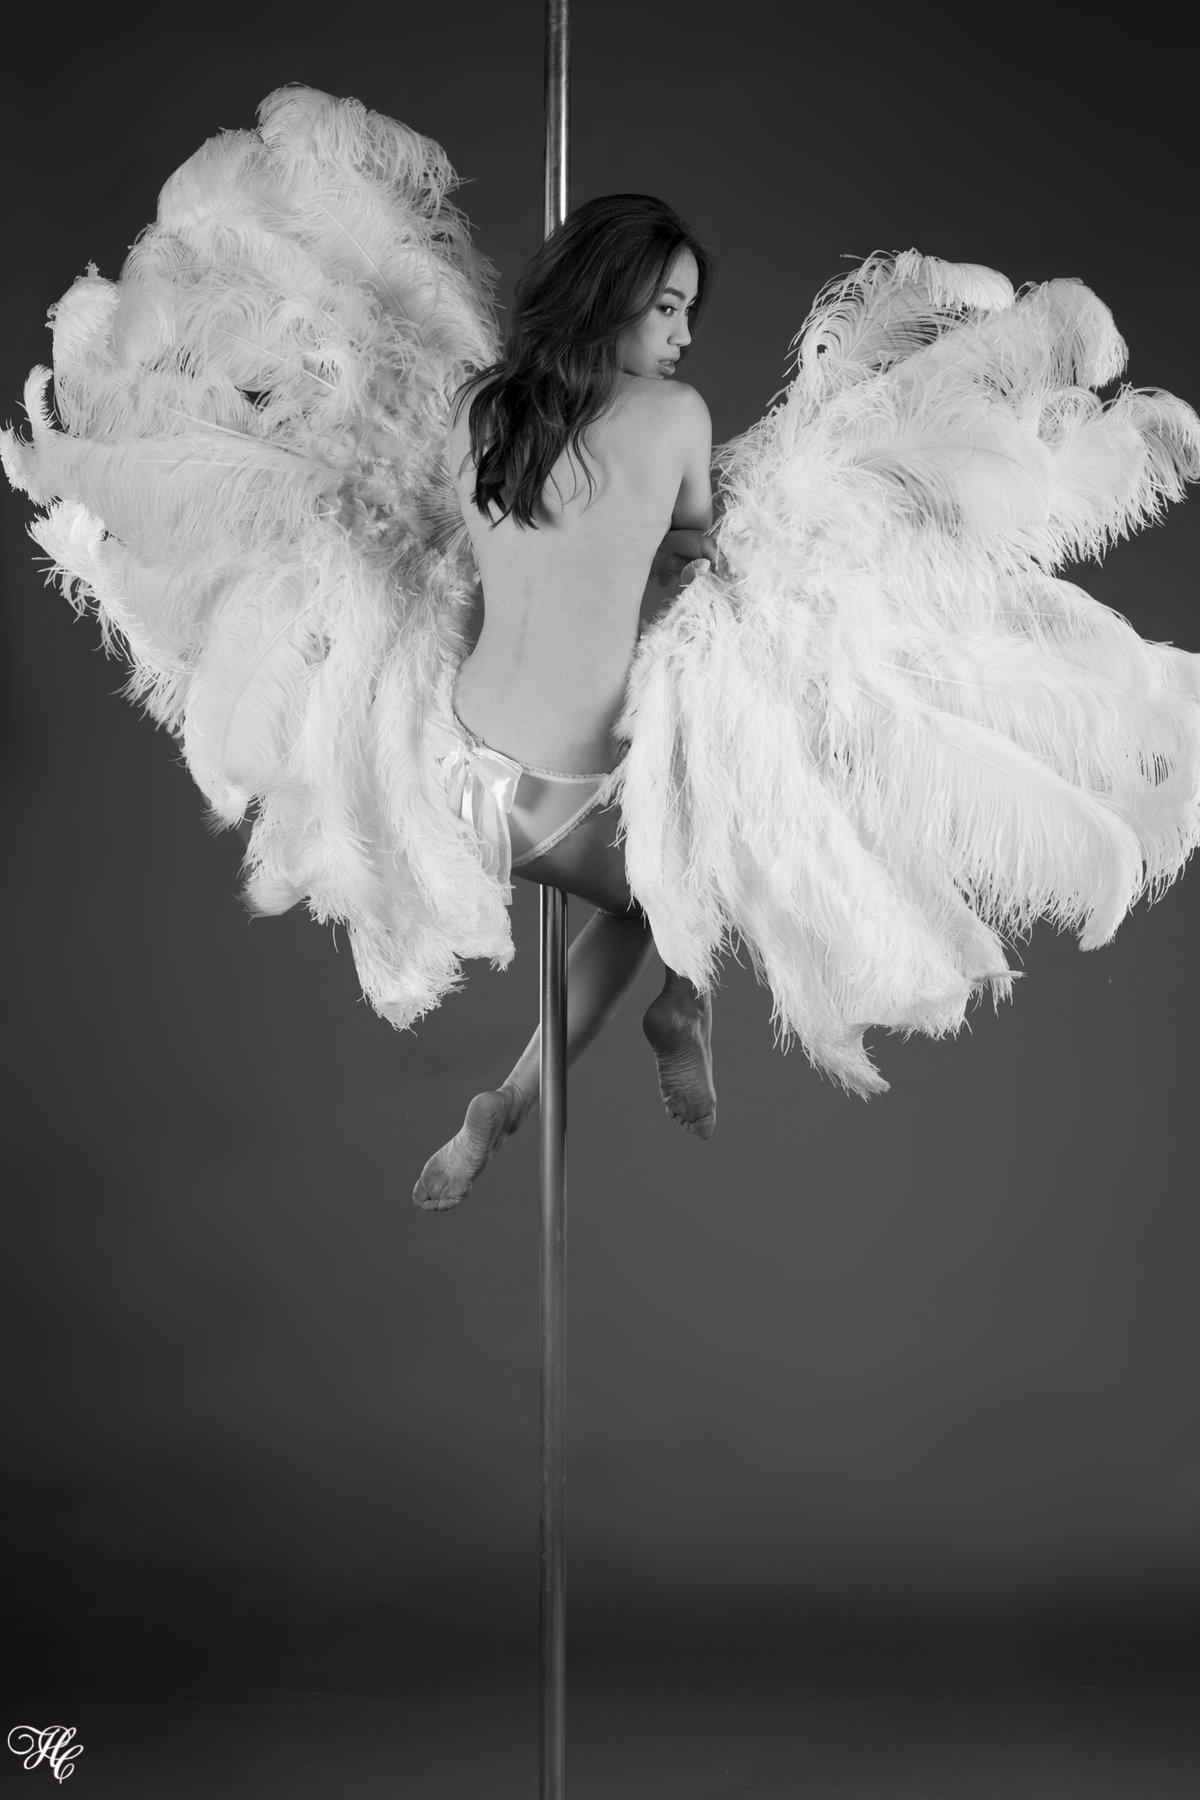 Pole Dance Photography Studio Sessions for Melody Pole Studio | Portrait Photographer Hong Kong | Paris